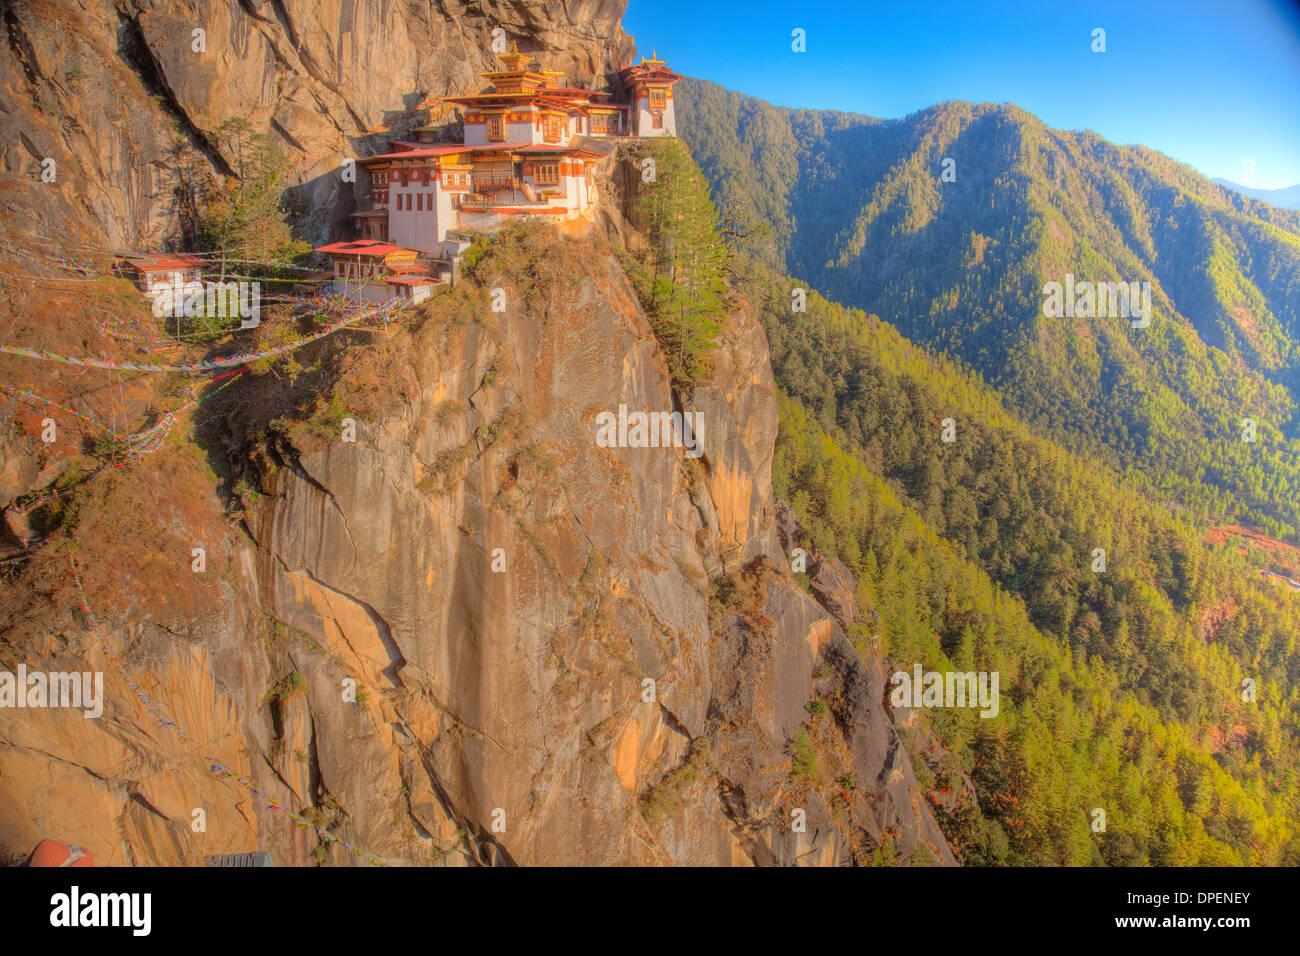 Les Tigres Monastère Nid le Bhoutan, l'Himalaya, la vallée de Paro. Taktshang Goemba. Perché à 3 000 pieds au-dessus de la vallée. Photo Stock